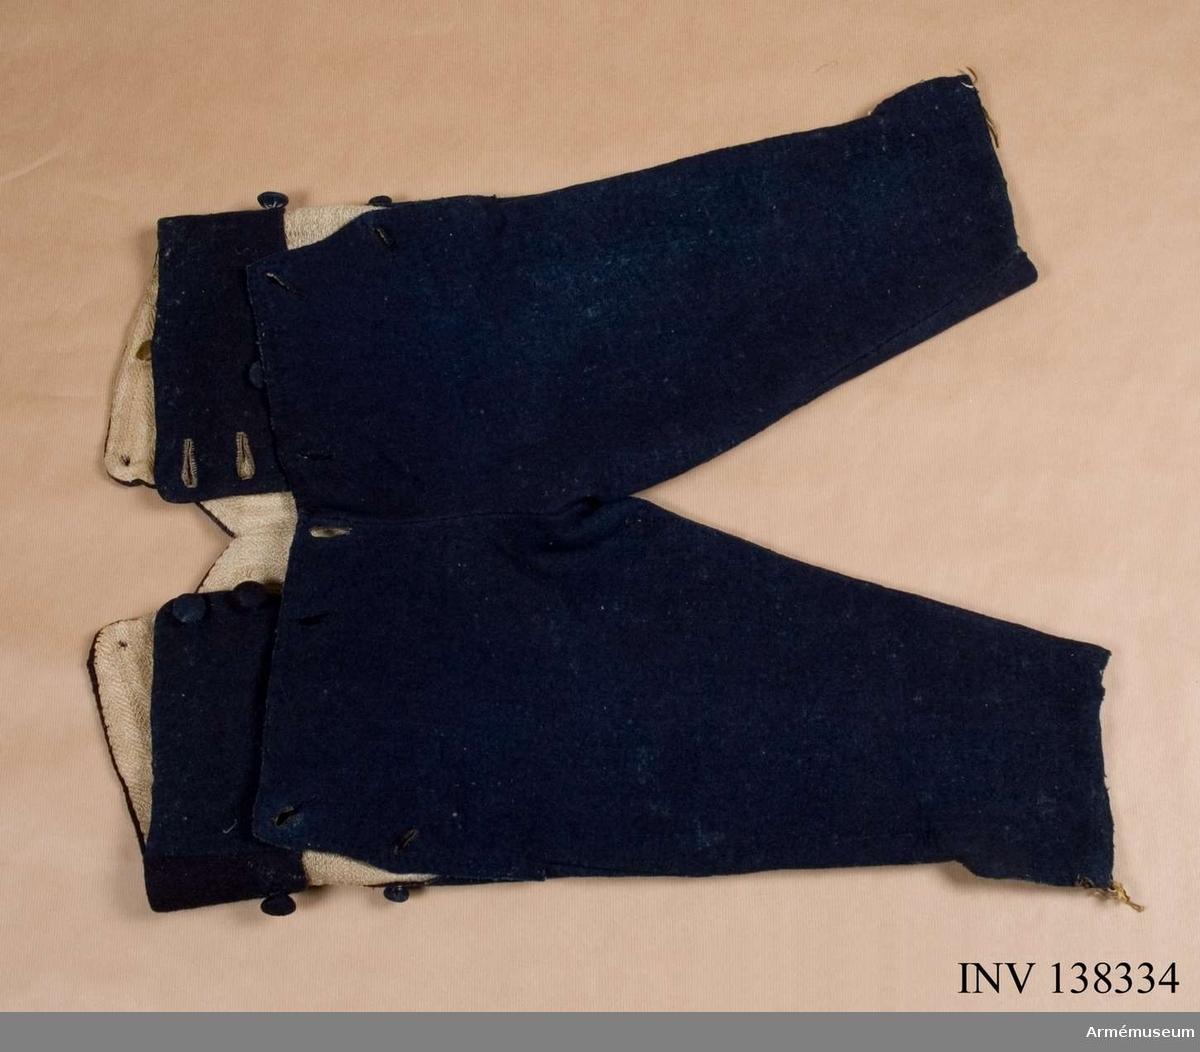 Byxorna är sydda i mörkblått kommisskläde, helfodrade med linne vävt i spetskypert. Knapparna är klädda med mörkblått kommisskläde. Fodret är fastsytt på framsidan med gördeln och täcks av den fodrade luckan som är bred.